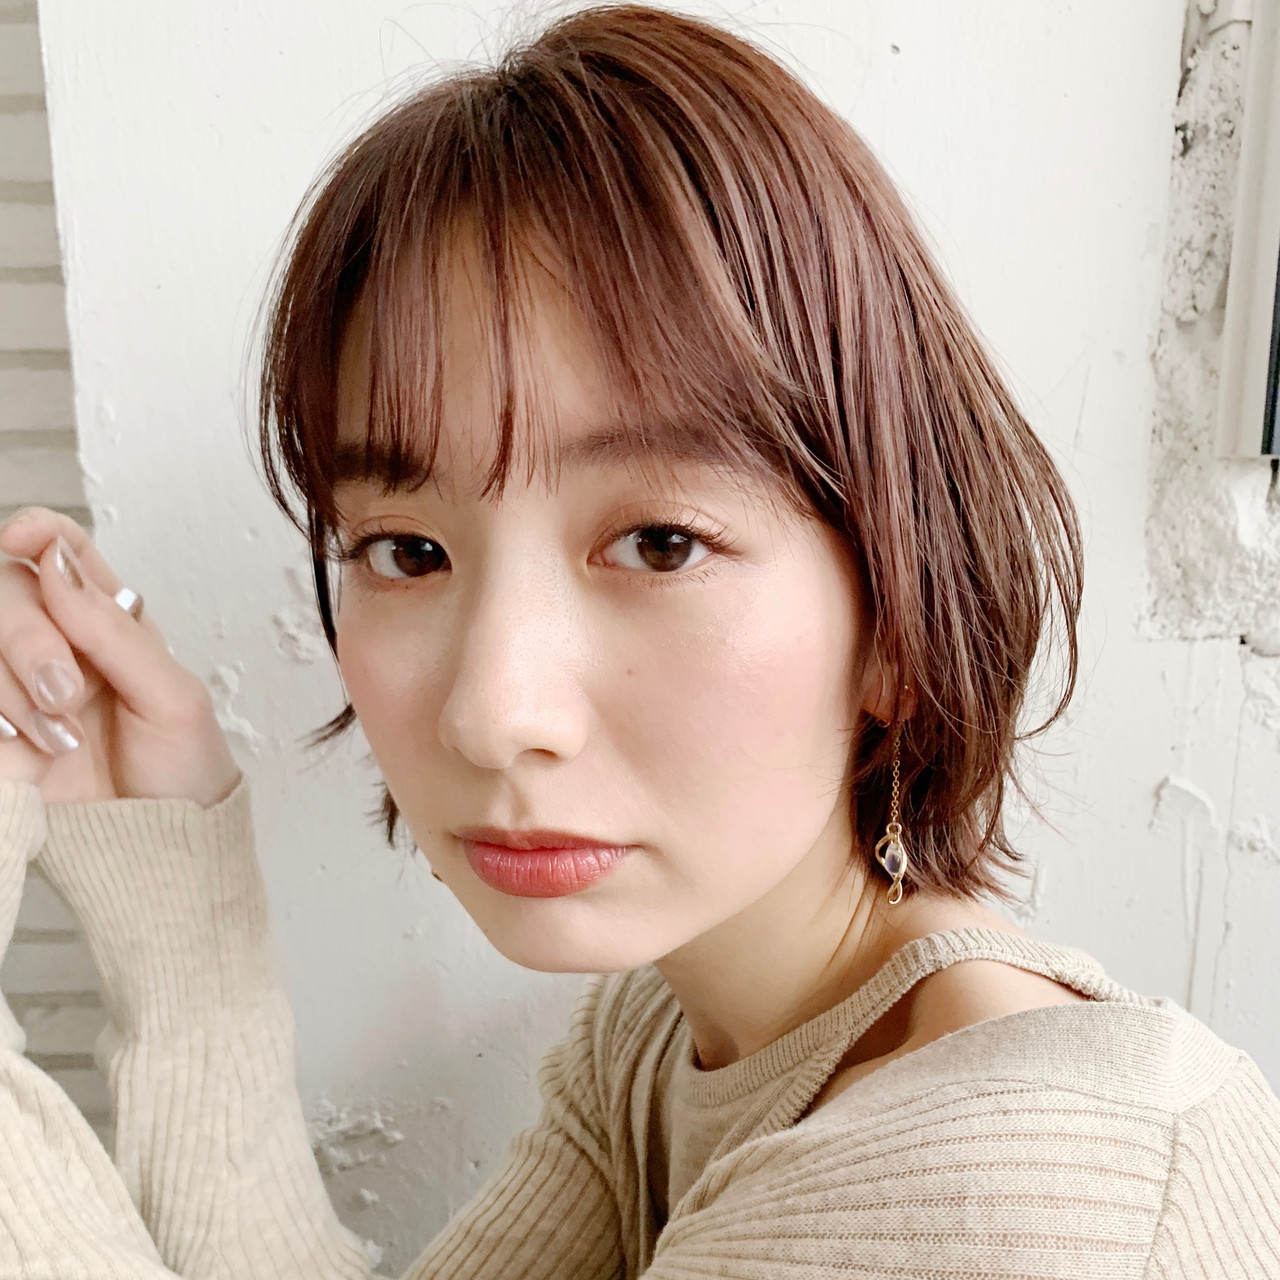 ミニボブ 外ハネボブ ナチュラル ショートボブ ヘアスタイルや髪型の写真・画像 | Natsuko Kodama 児玉奈都子 / dydi